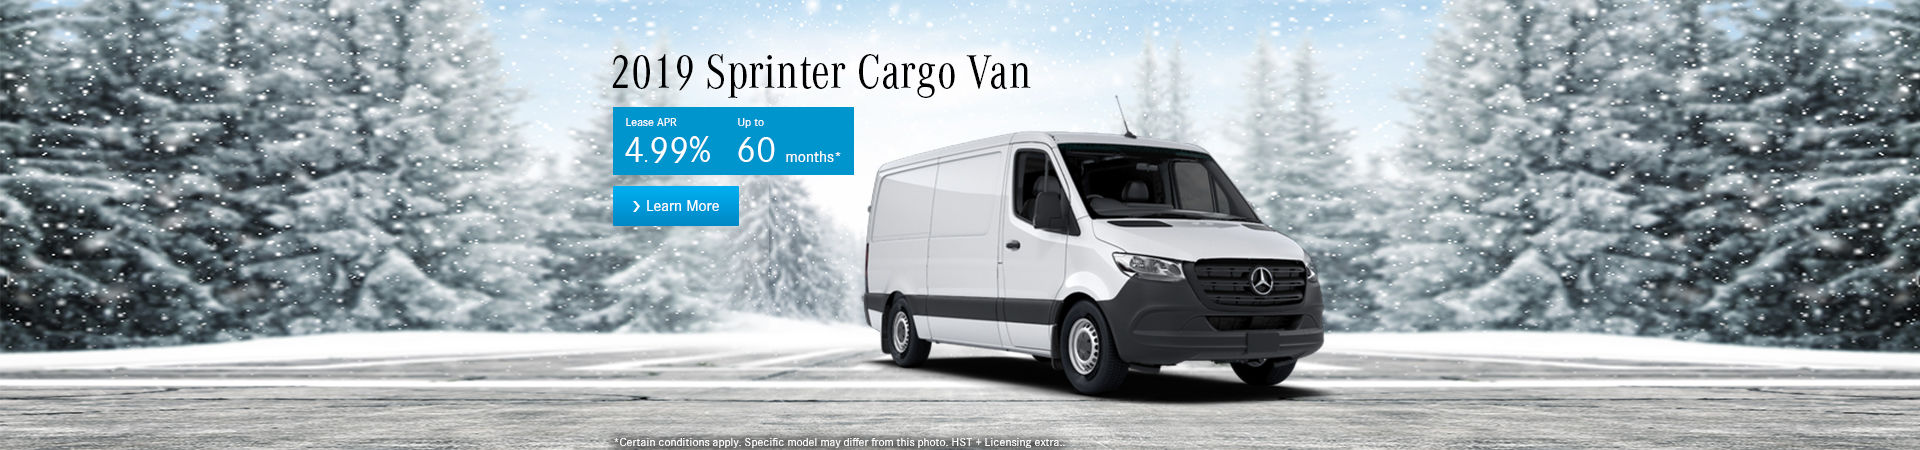 The 2019 Sprinter Cargo Van-desktop